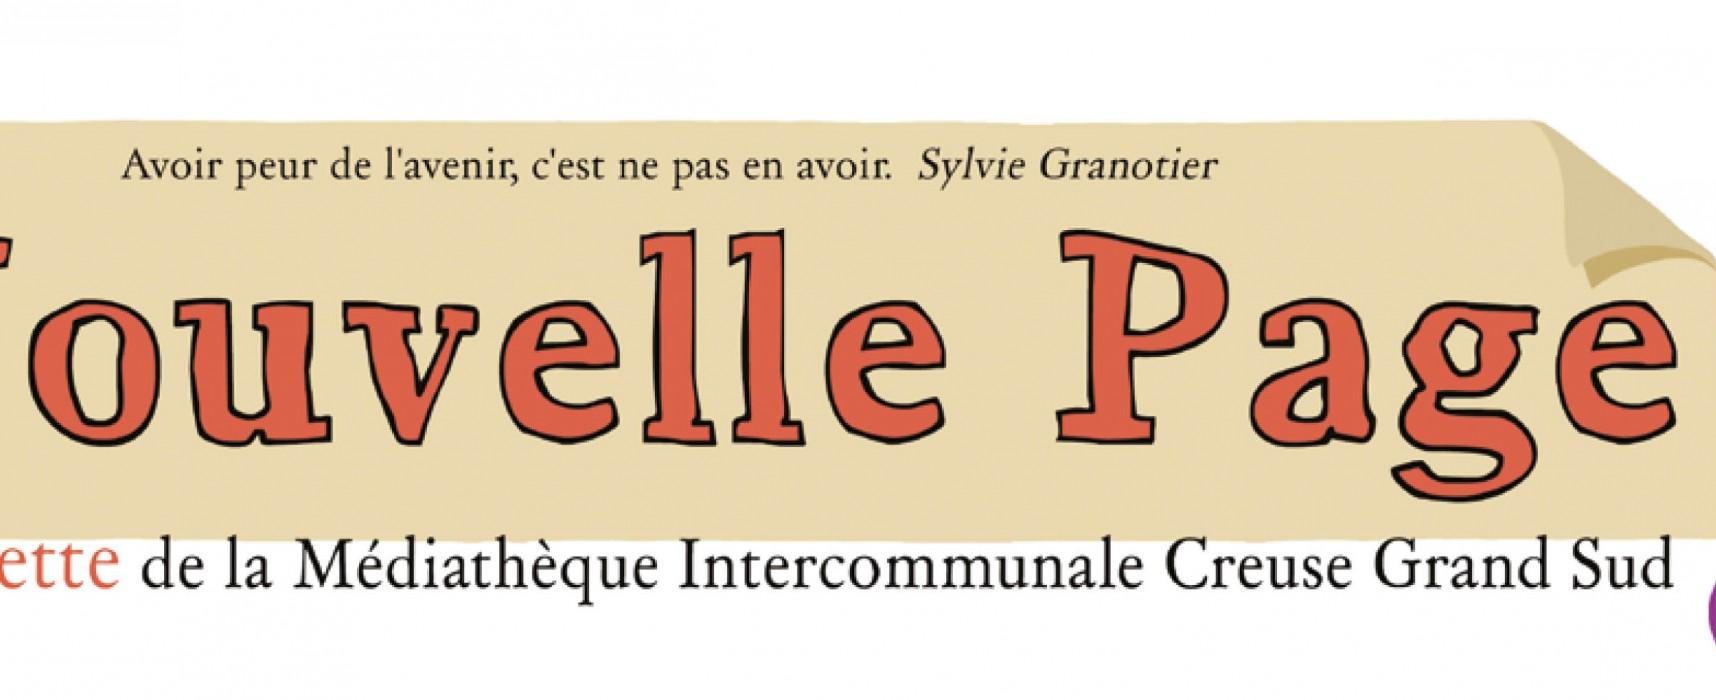 La gazette de juin de la médiathèque Creuse Grand Sud est arrivée !